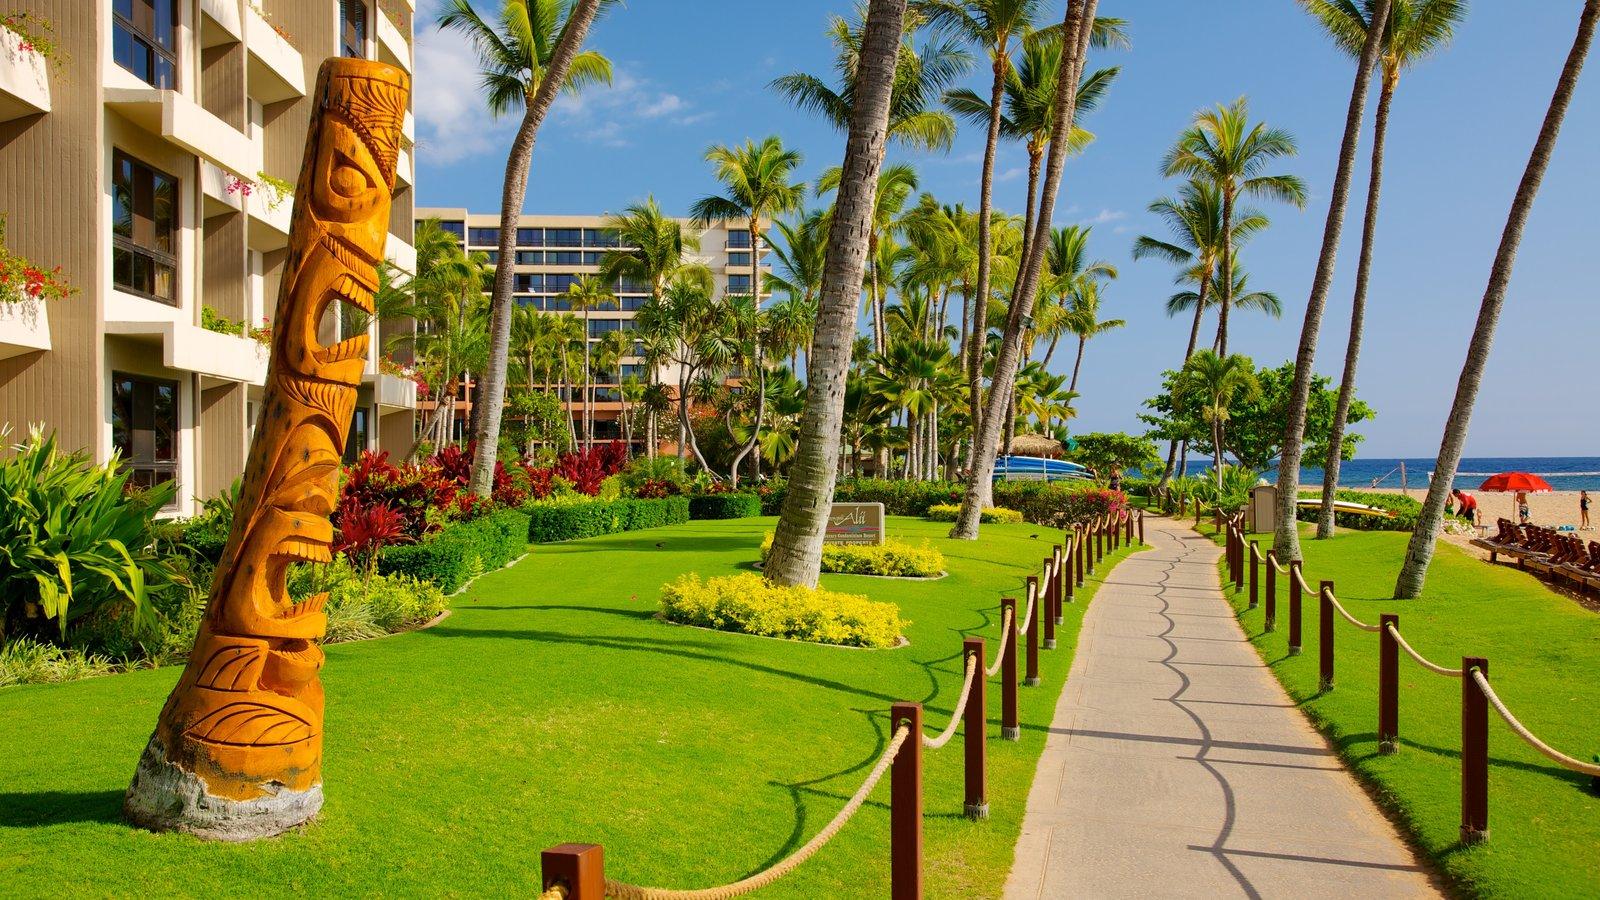 Kaanapali Beach caracterizando uma praia de areia, cenas tropicais e uma cidade litorânea